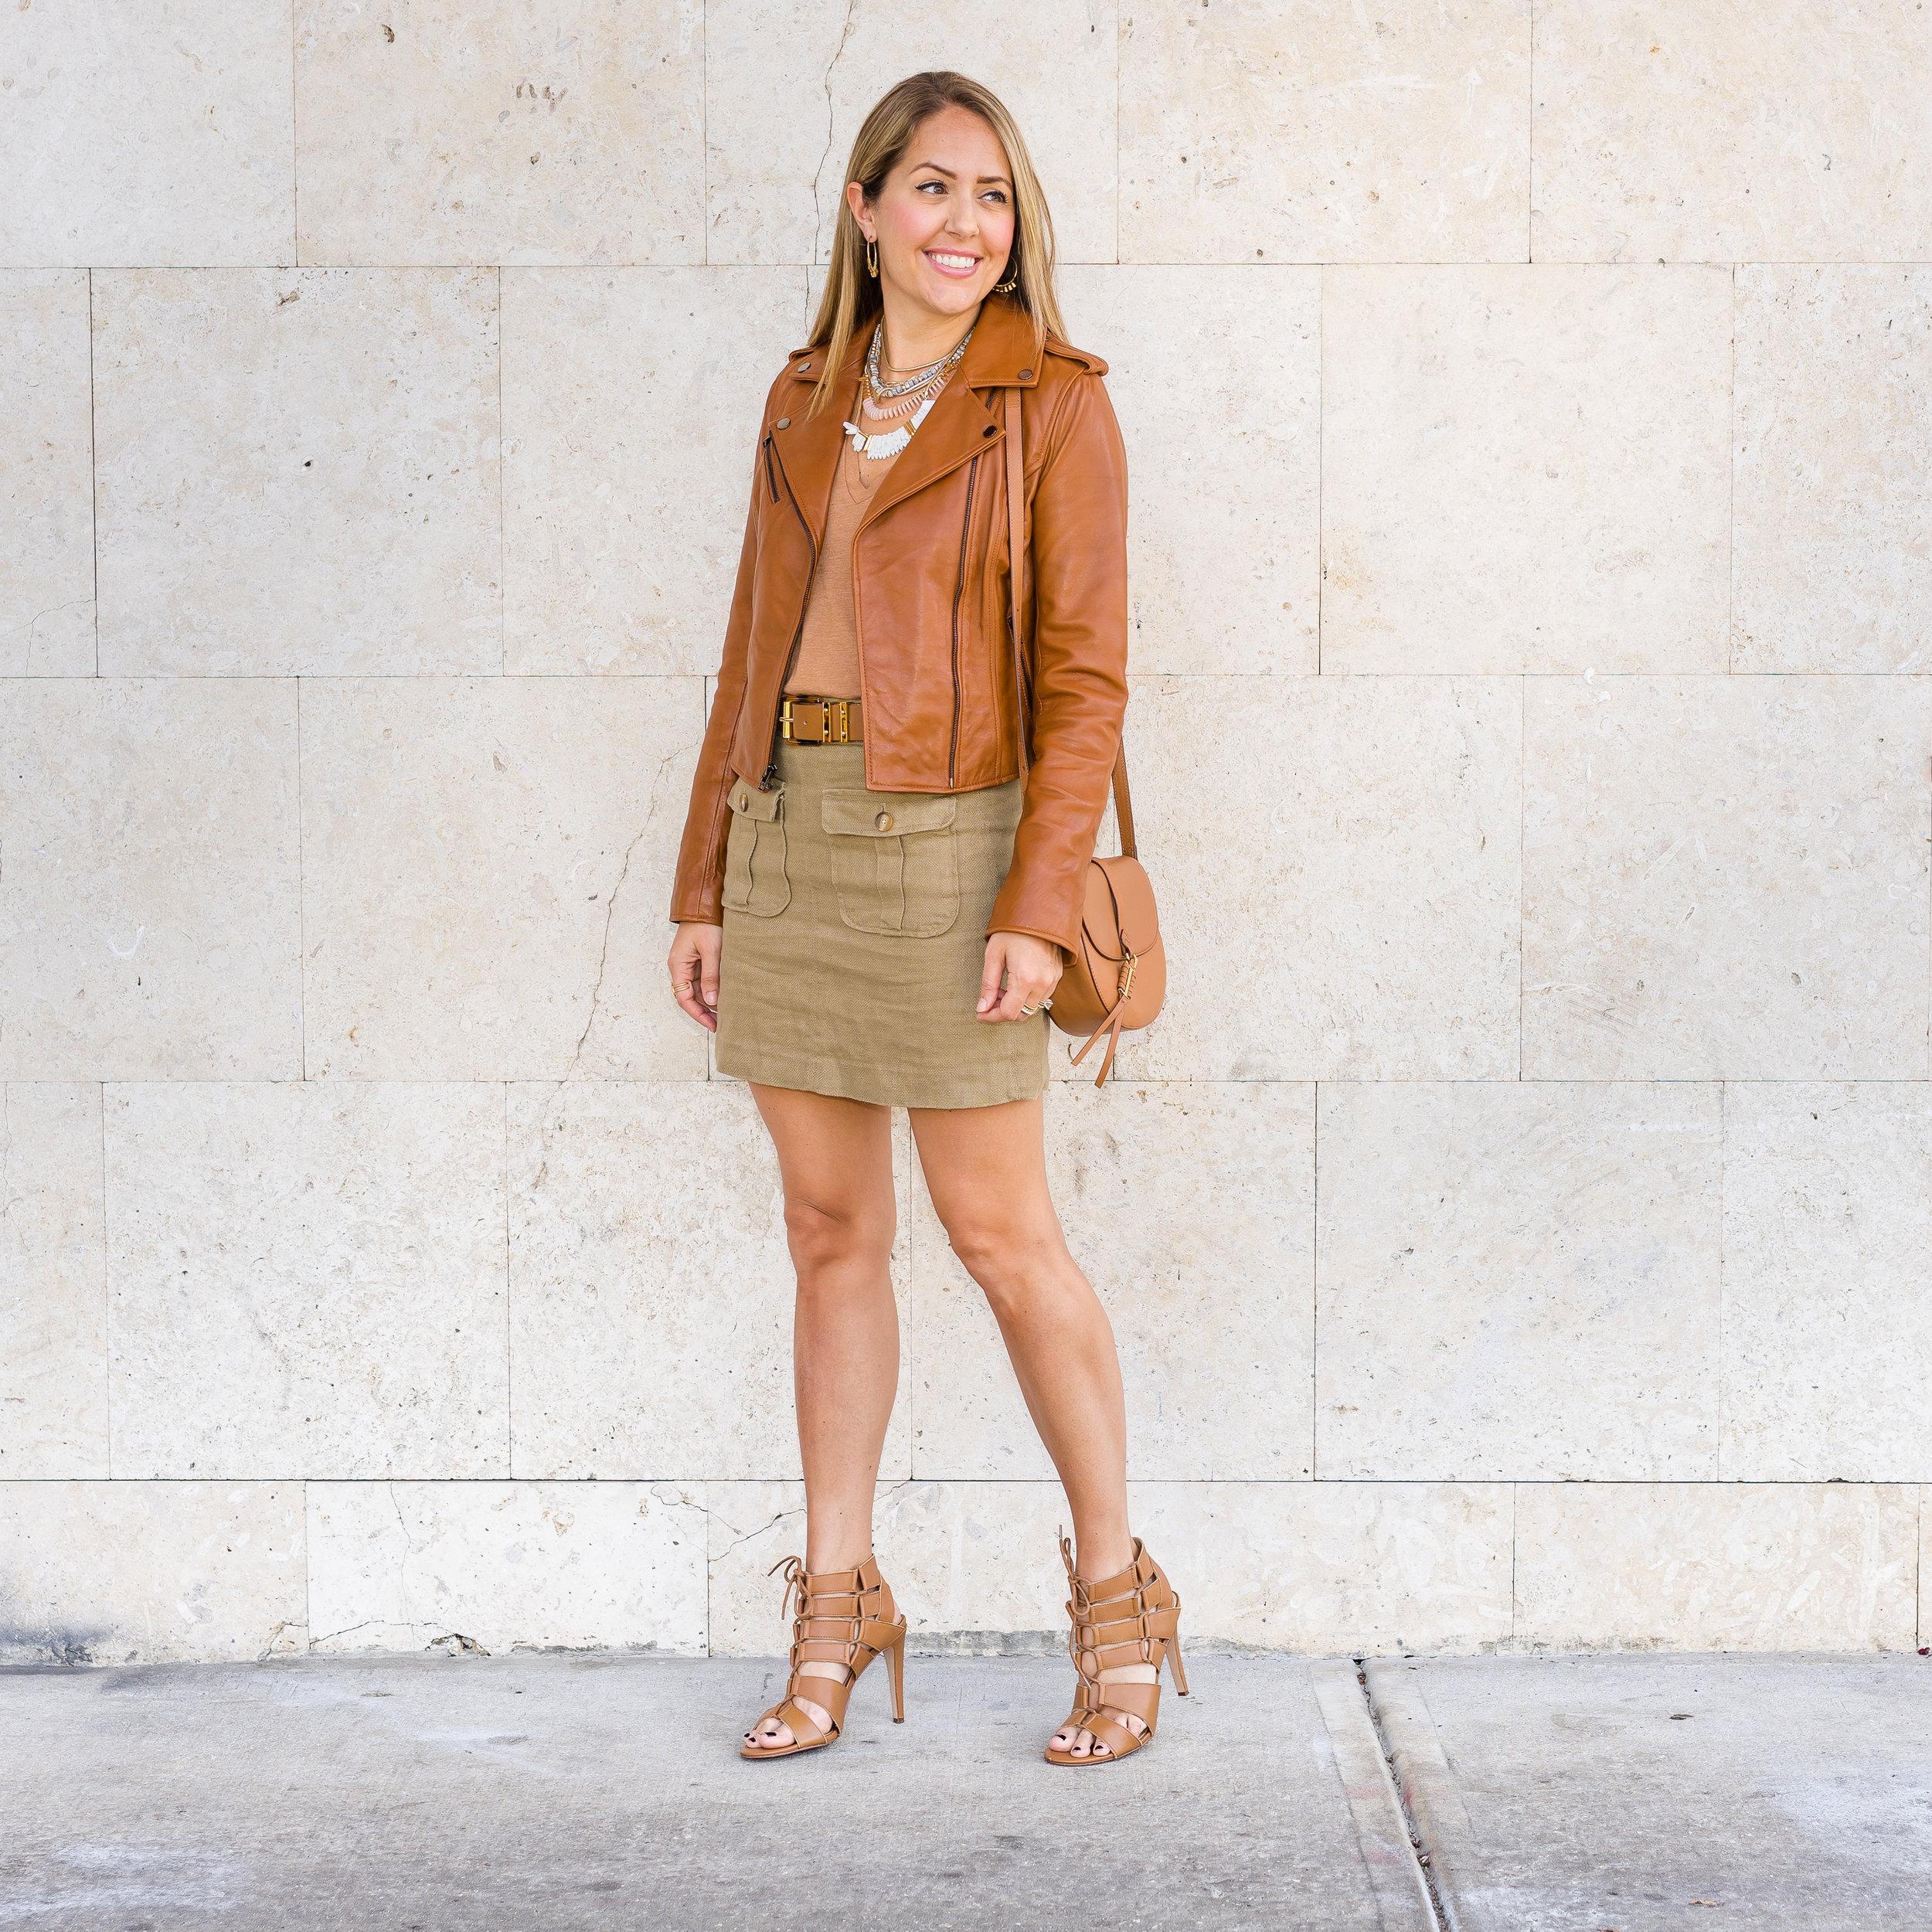 Cognac leather jacket, pocket front skirt